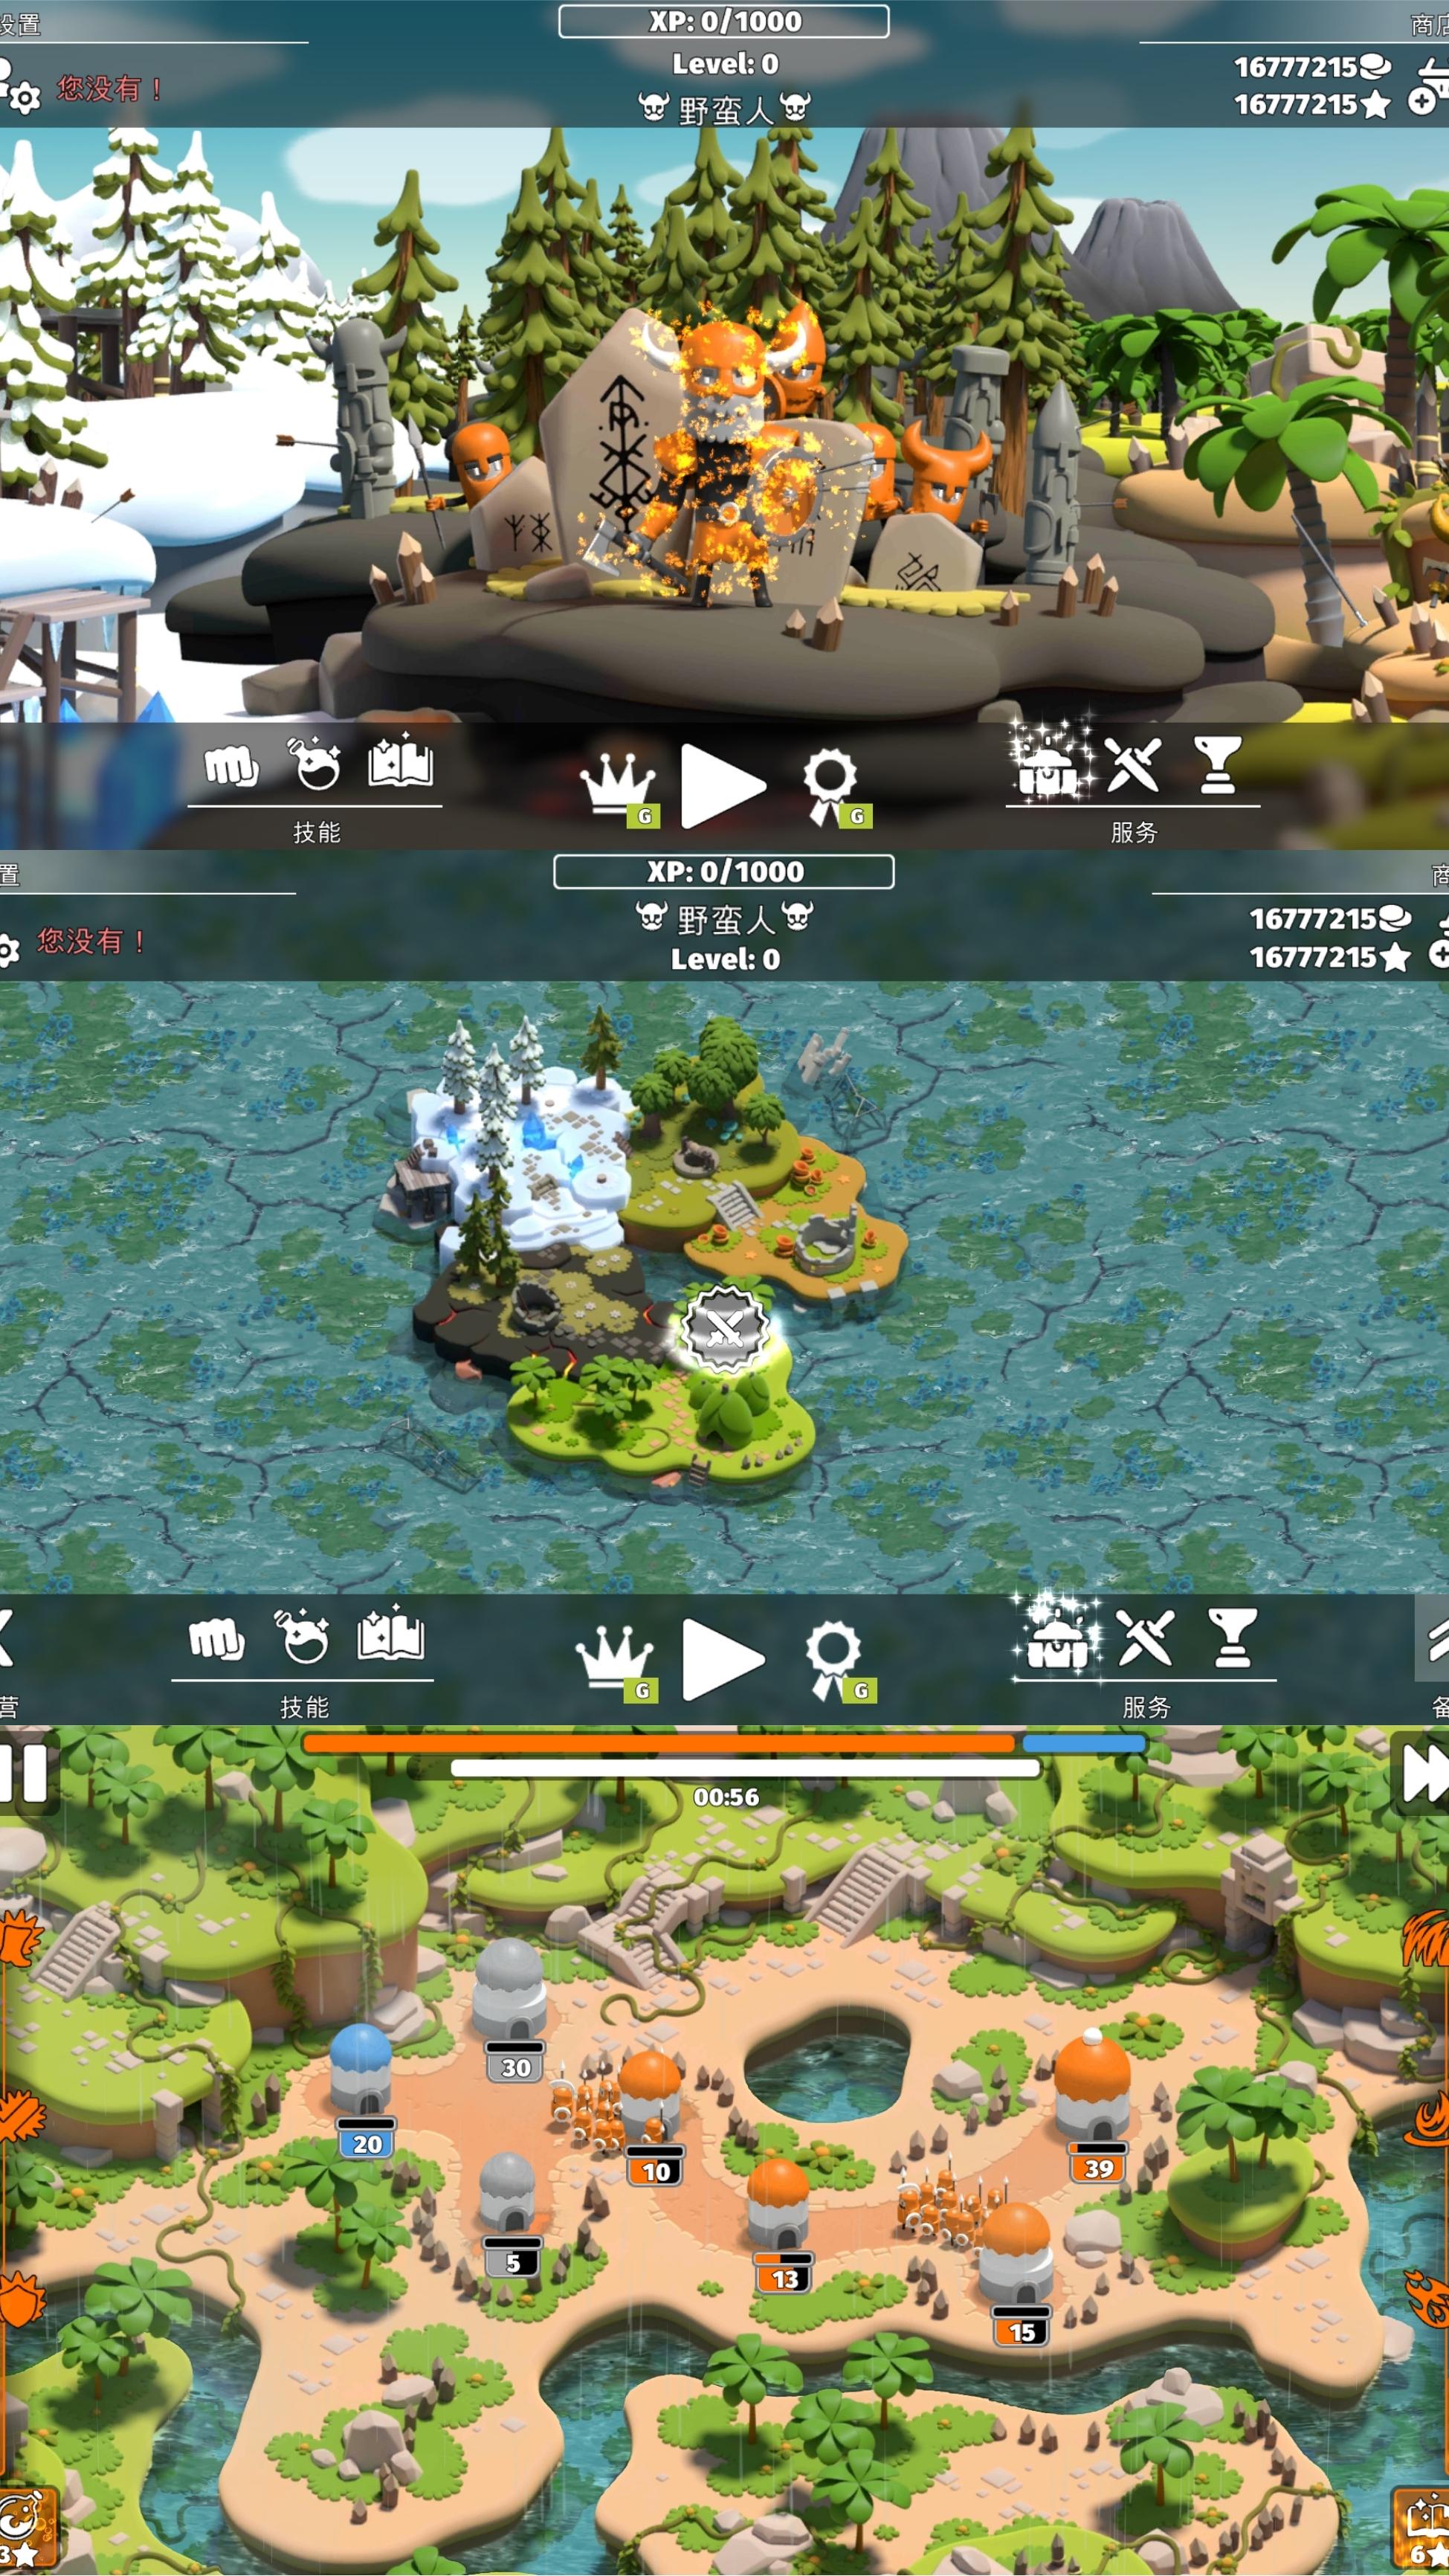 决战时刻2快节奏的攻城类策略游戏